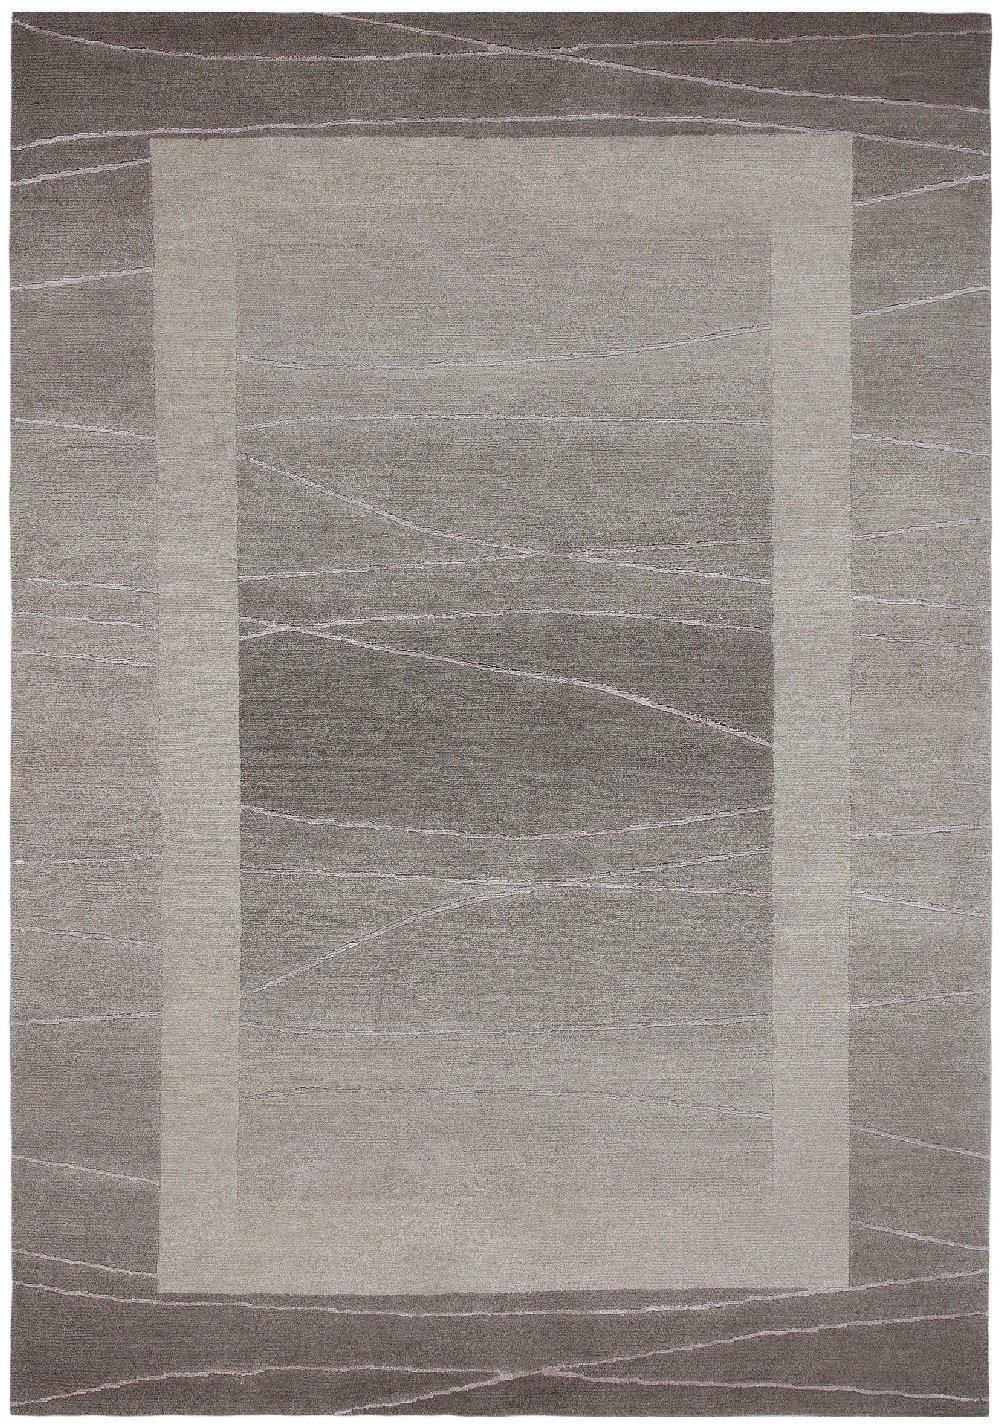 """Sona-Lux Nepal Teppich handgeknüpft sand """"Größe auswählen"""" 250 x 350 cm"""